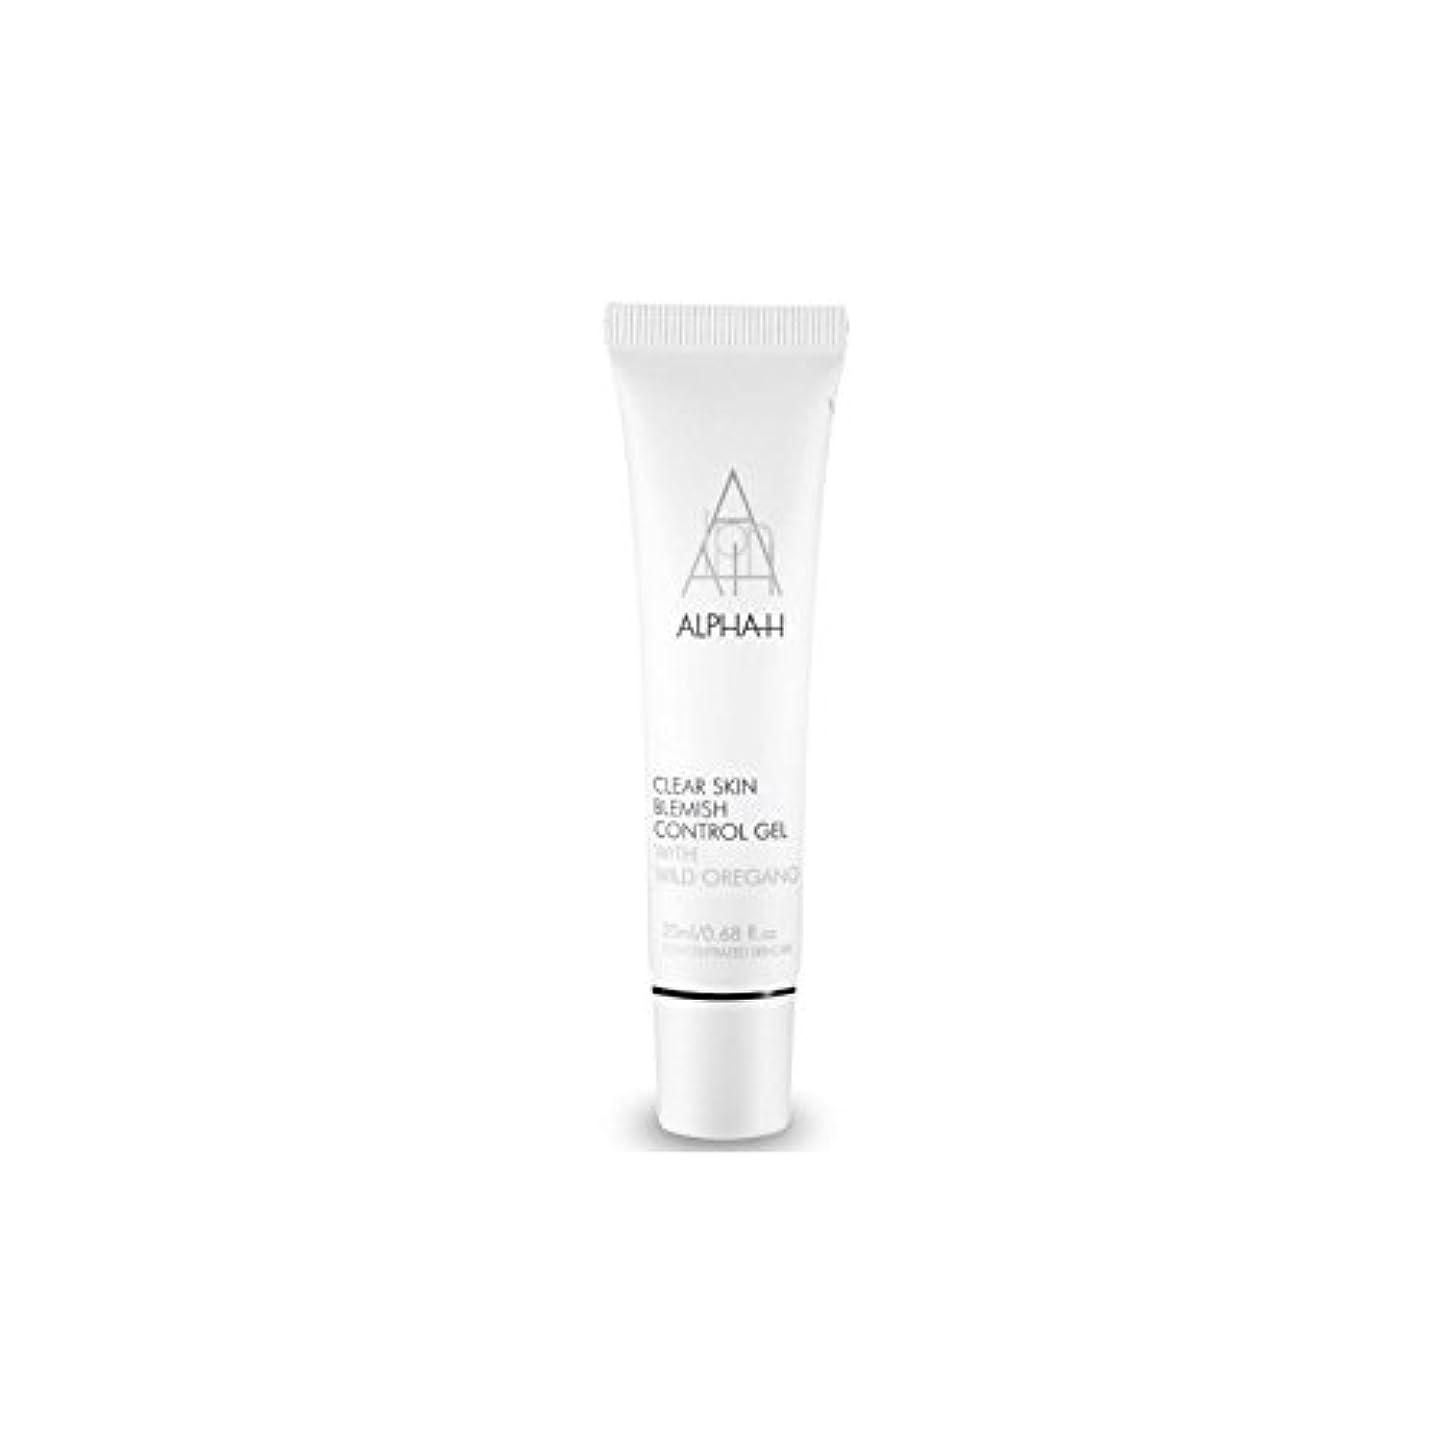 死にかけているラリーベルモント蚊アルファクリア皮膚傷制御ゲル(20)中 x2 - Alpha-H Clear Skin Blemish Control Gel (20ml) (Pack of 2) [並行輸入品]